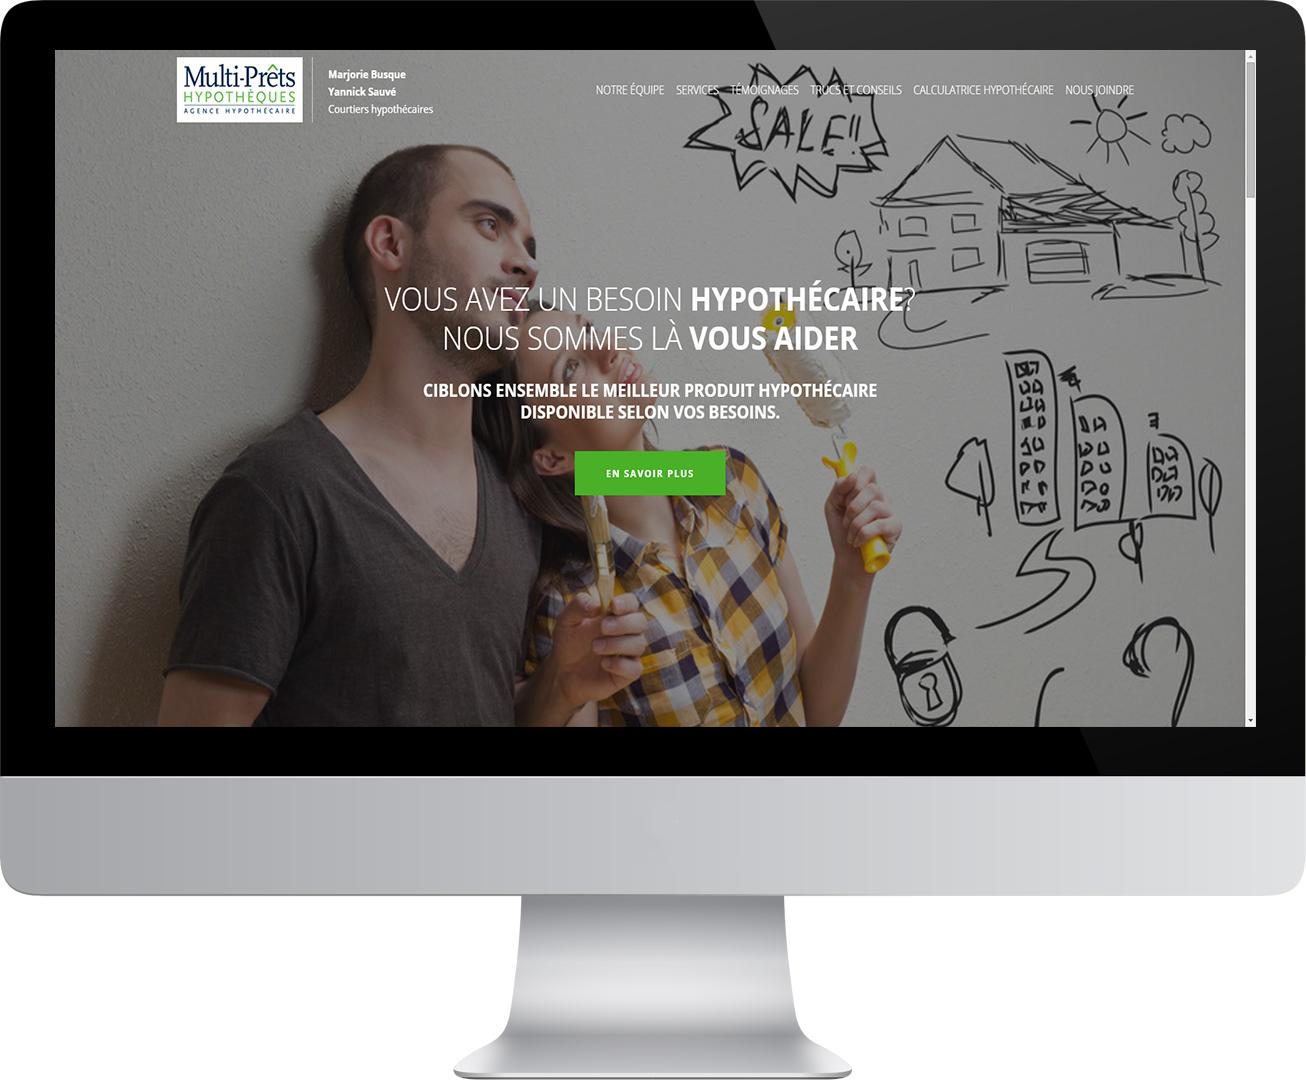 Site Web de Multi-Prêts Hypothèques dans un écran d'ordinateur